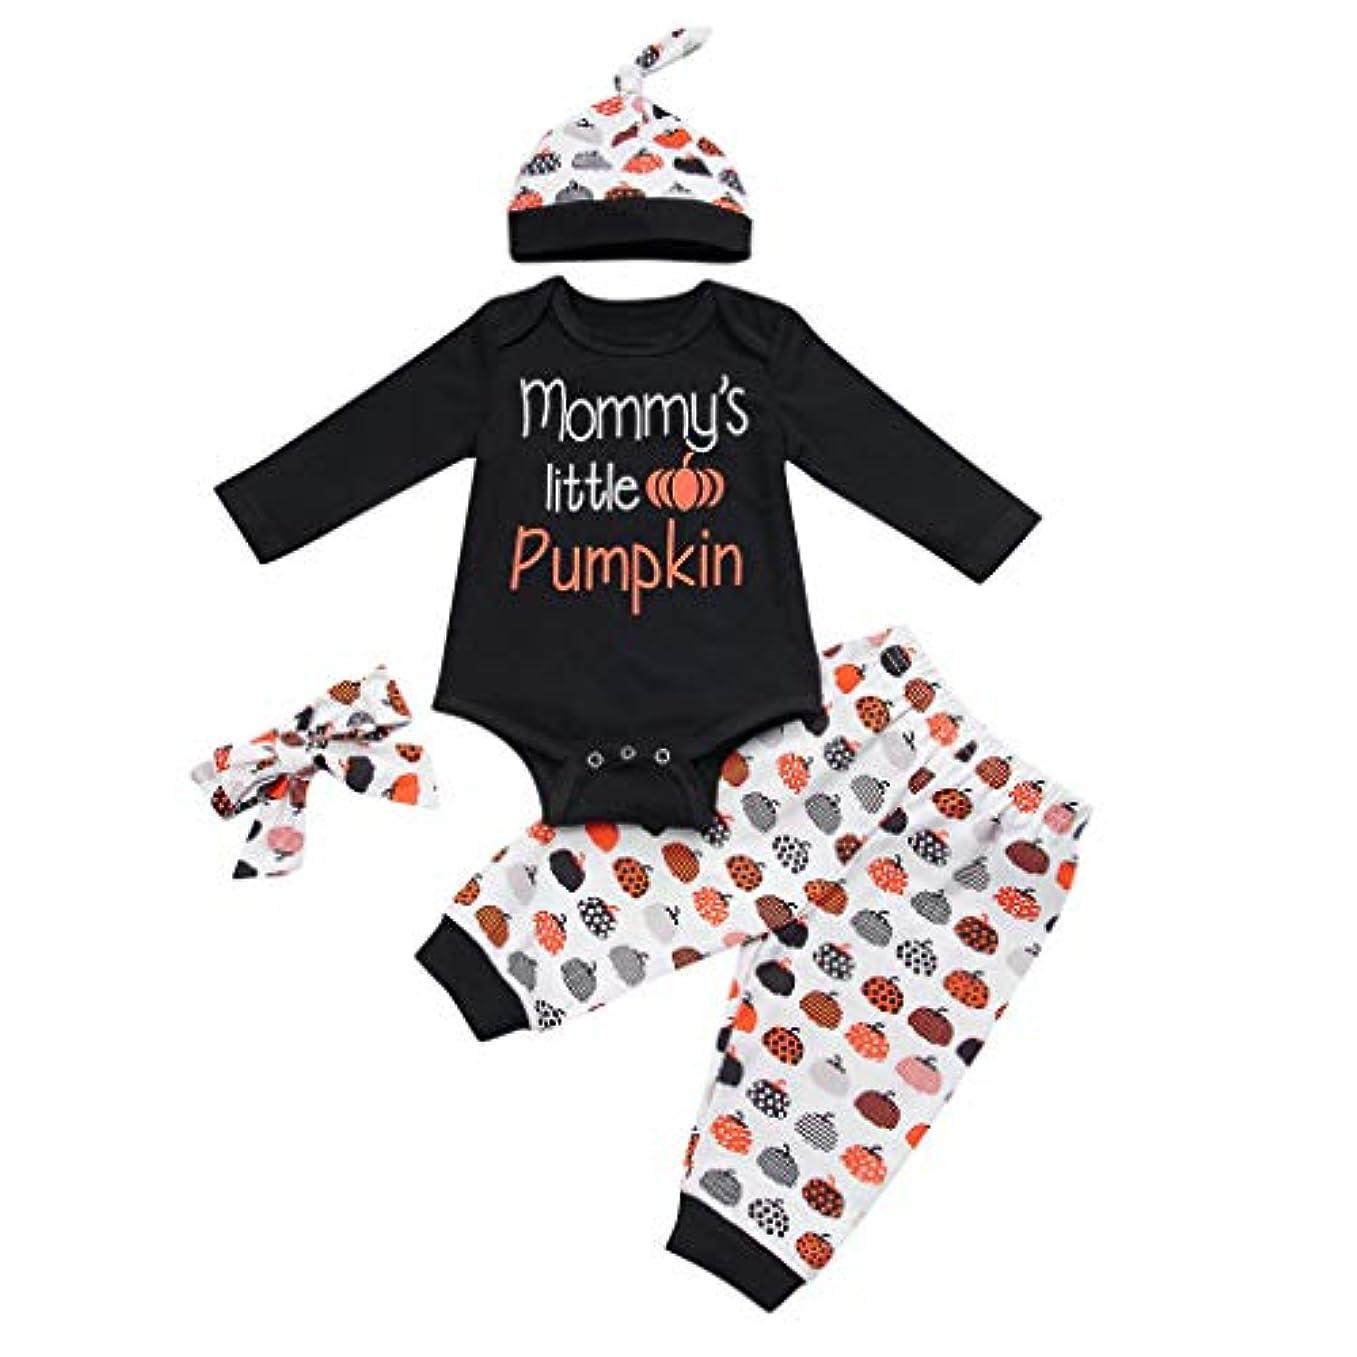 土器レース飲み込むMISFIY ロンパース 幼児 ベビー服 子供 キッズ 男の子 女の子 上下セット 帽子 ヘアバンド コットン ハロウィン 仮装 かわいい 柔らかい (6M)